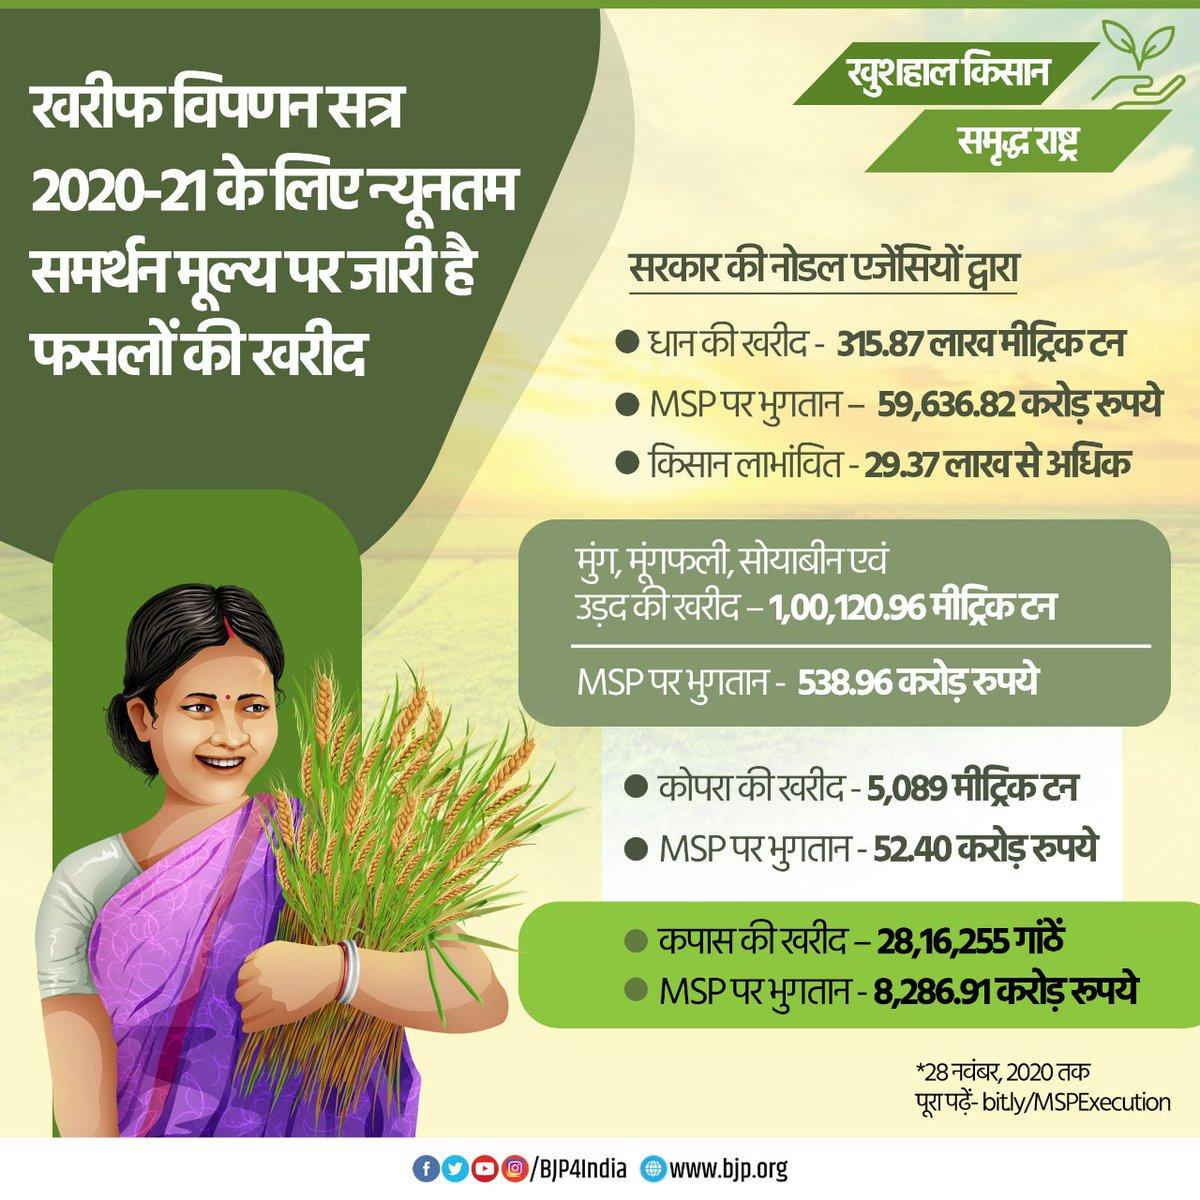 खरीफ विपणन सत्र 2020-21 के लिए MSP पर जारी है फसलों की खरीद।  सरकारी एजेंसियों द्वारा अब तक 315.87 लाख मीट्रिक टन धान, 1,00,120.96 मीट्रिक टन मूंग, मूंगफली, सोयाबीन एवं उड़द, 5,089 मीट्रिक टन कोपरा और 28,16,255 कपास की गांठें खरीदी जा चुकी हैं।  #MSPhaiAurRahega #ModiWithFarmers